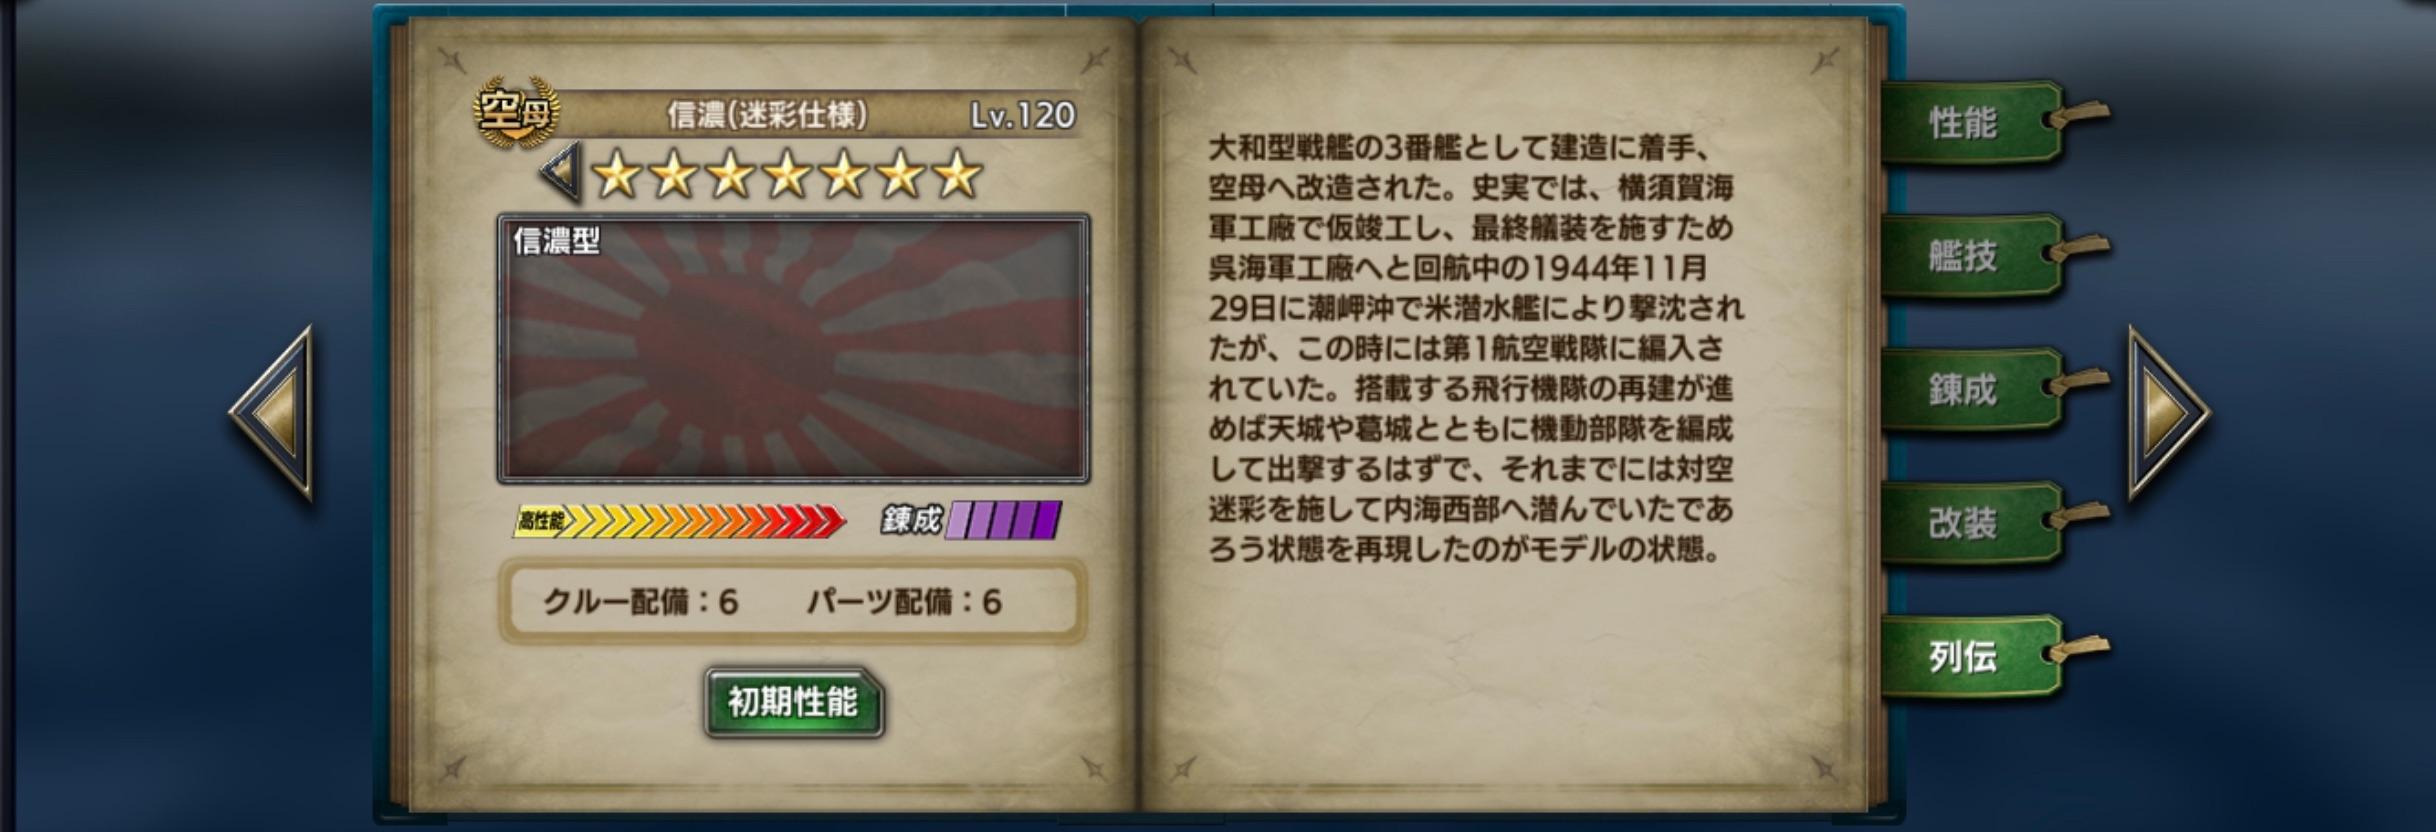 shinano-history